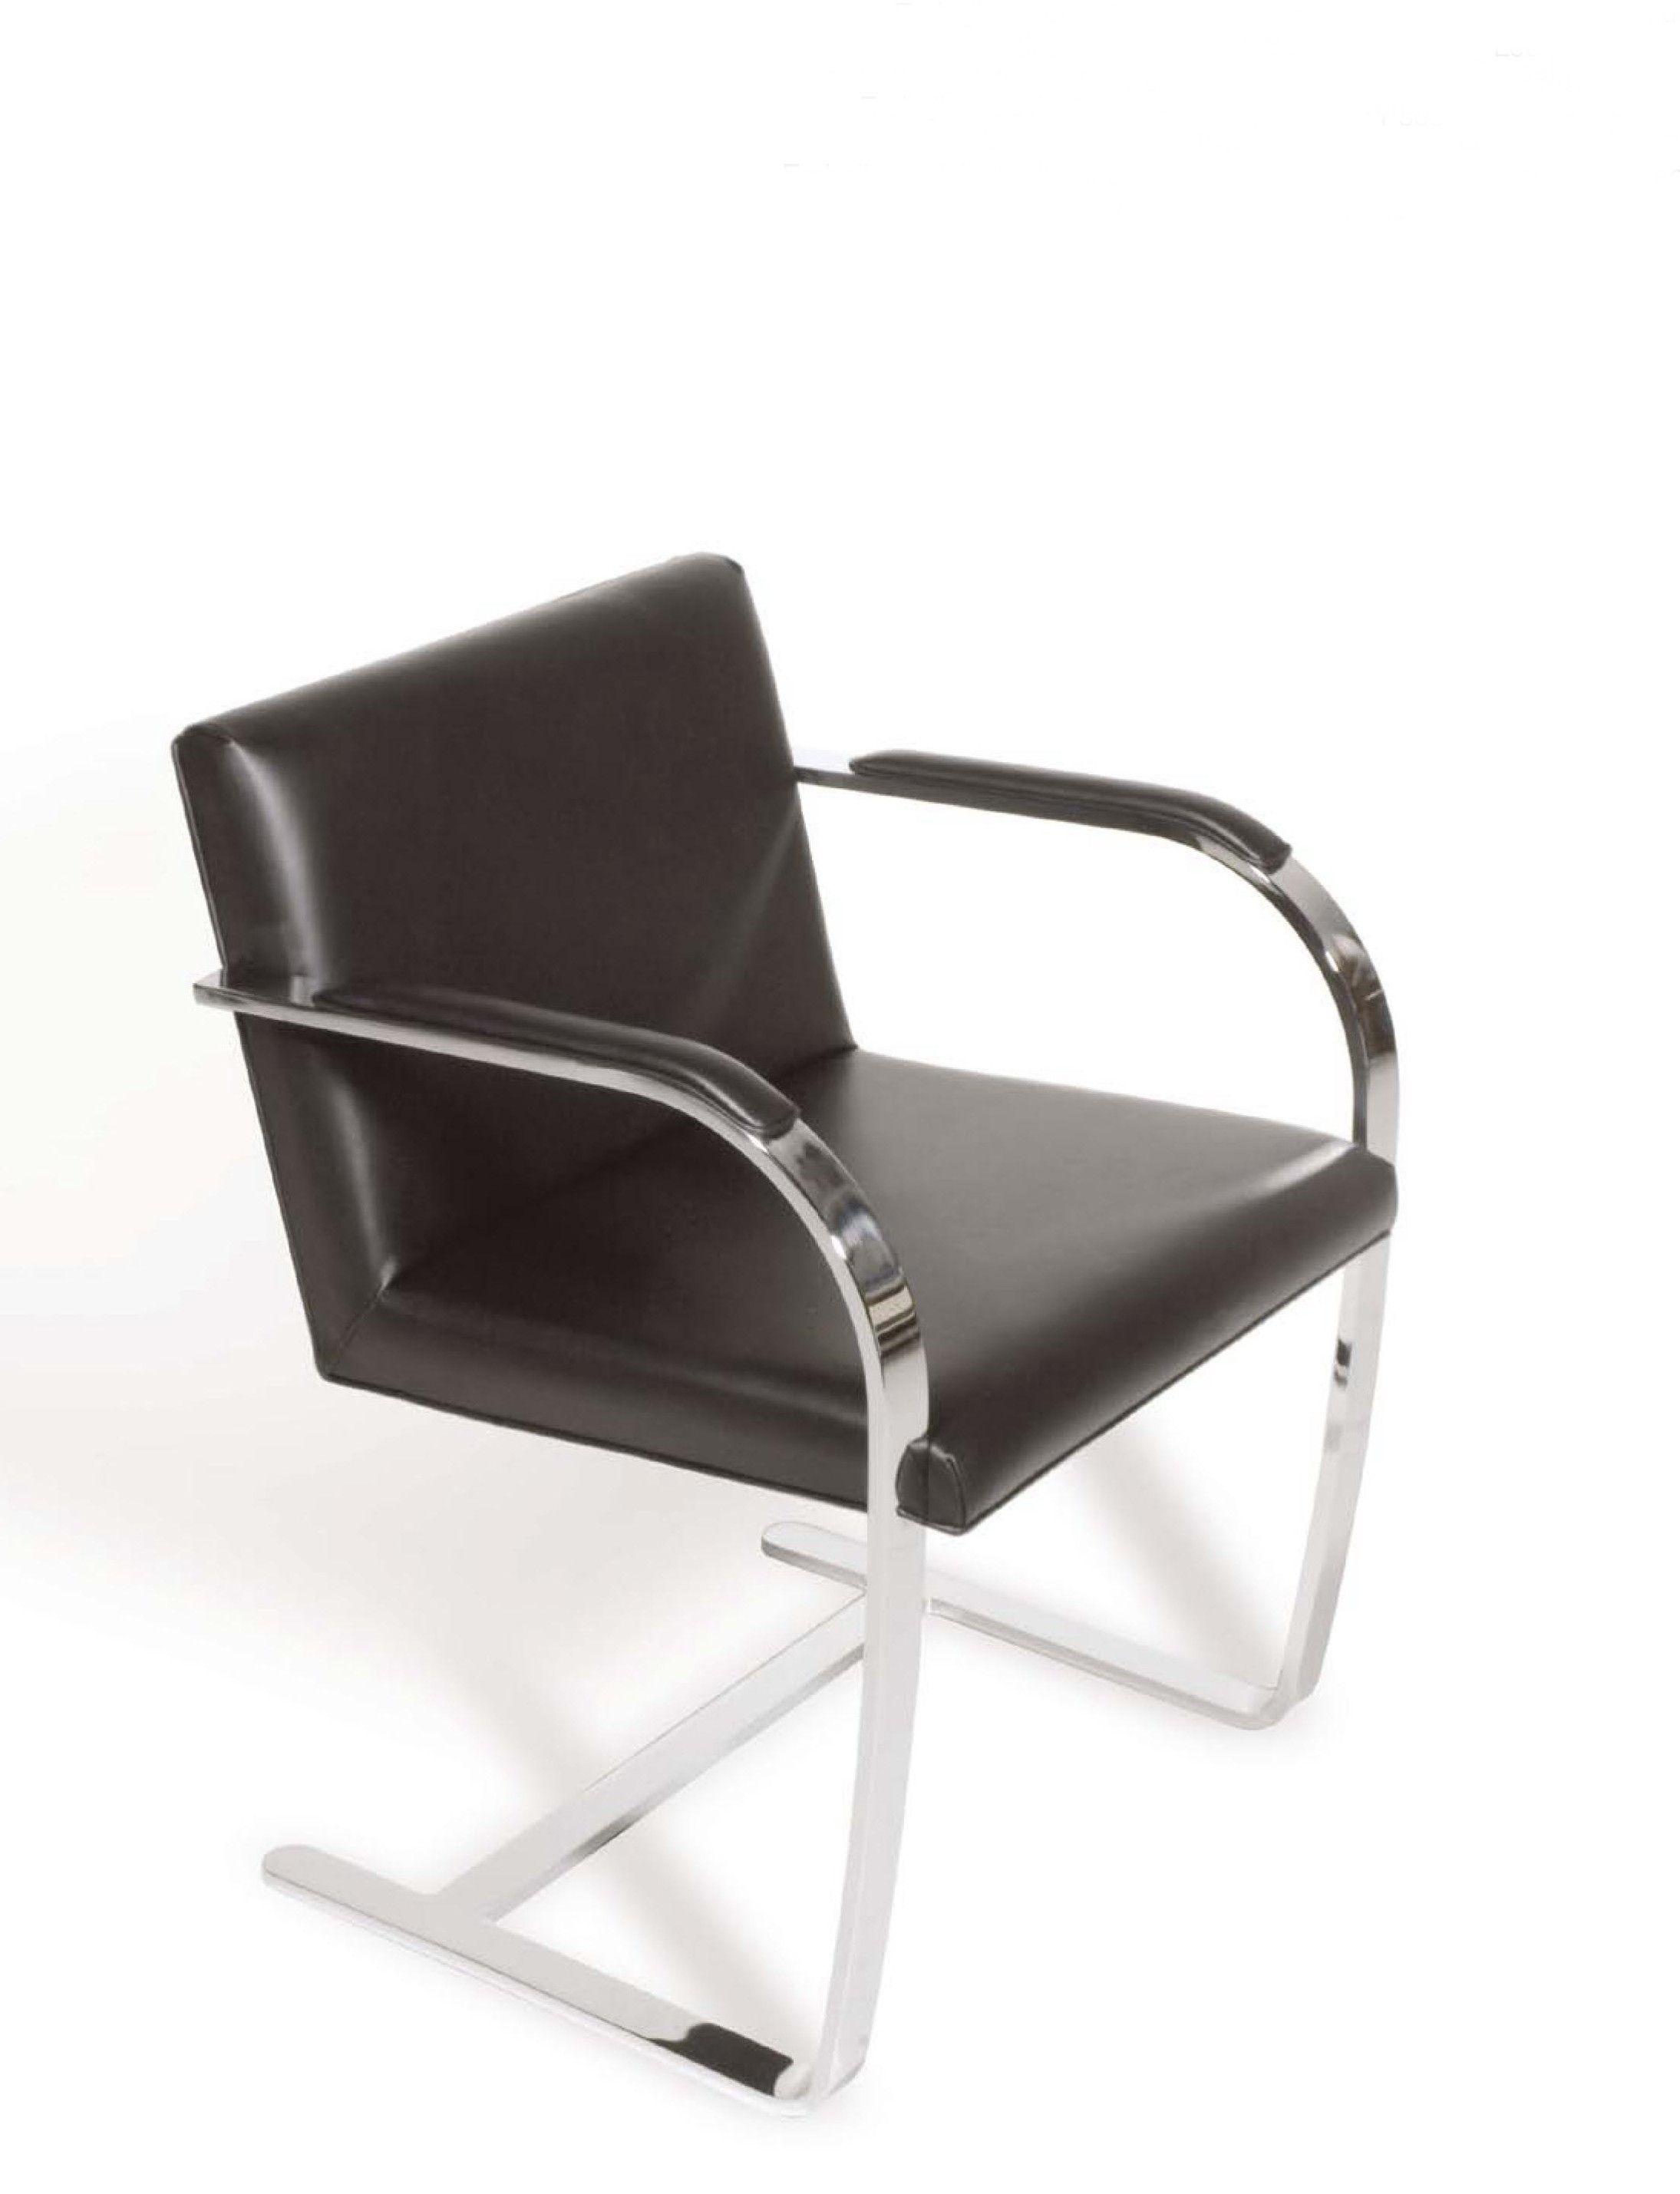 Silla Brno Van der Rohe, diseñada por Mies Van Der Rohe ... | furniture shops brno